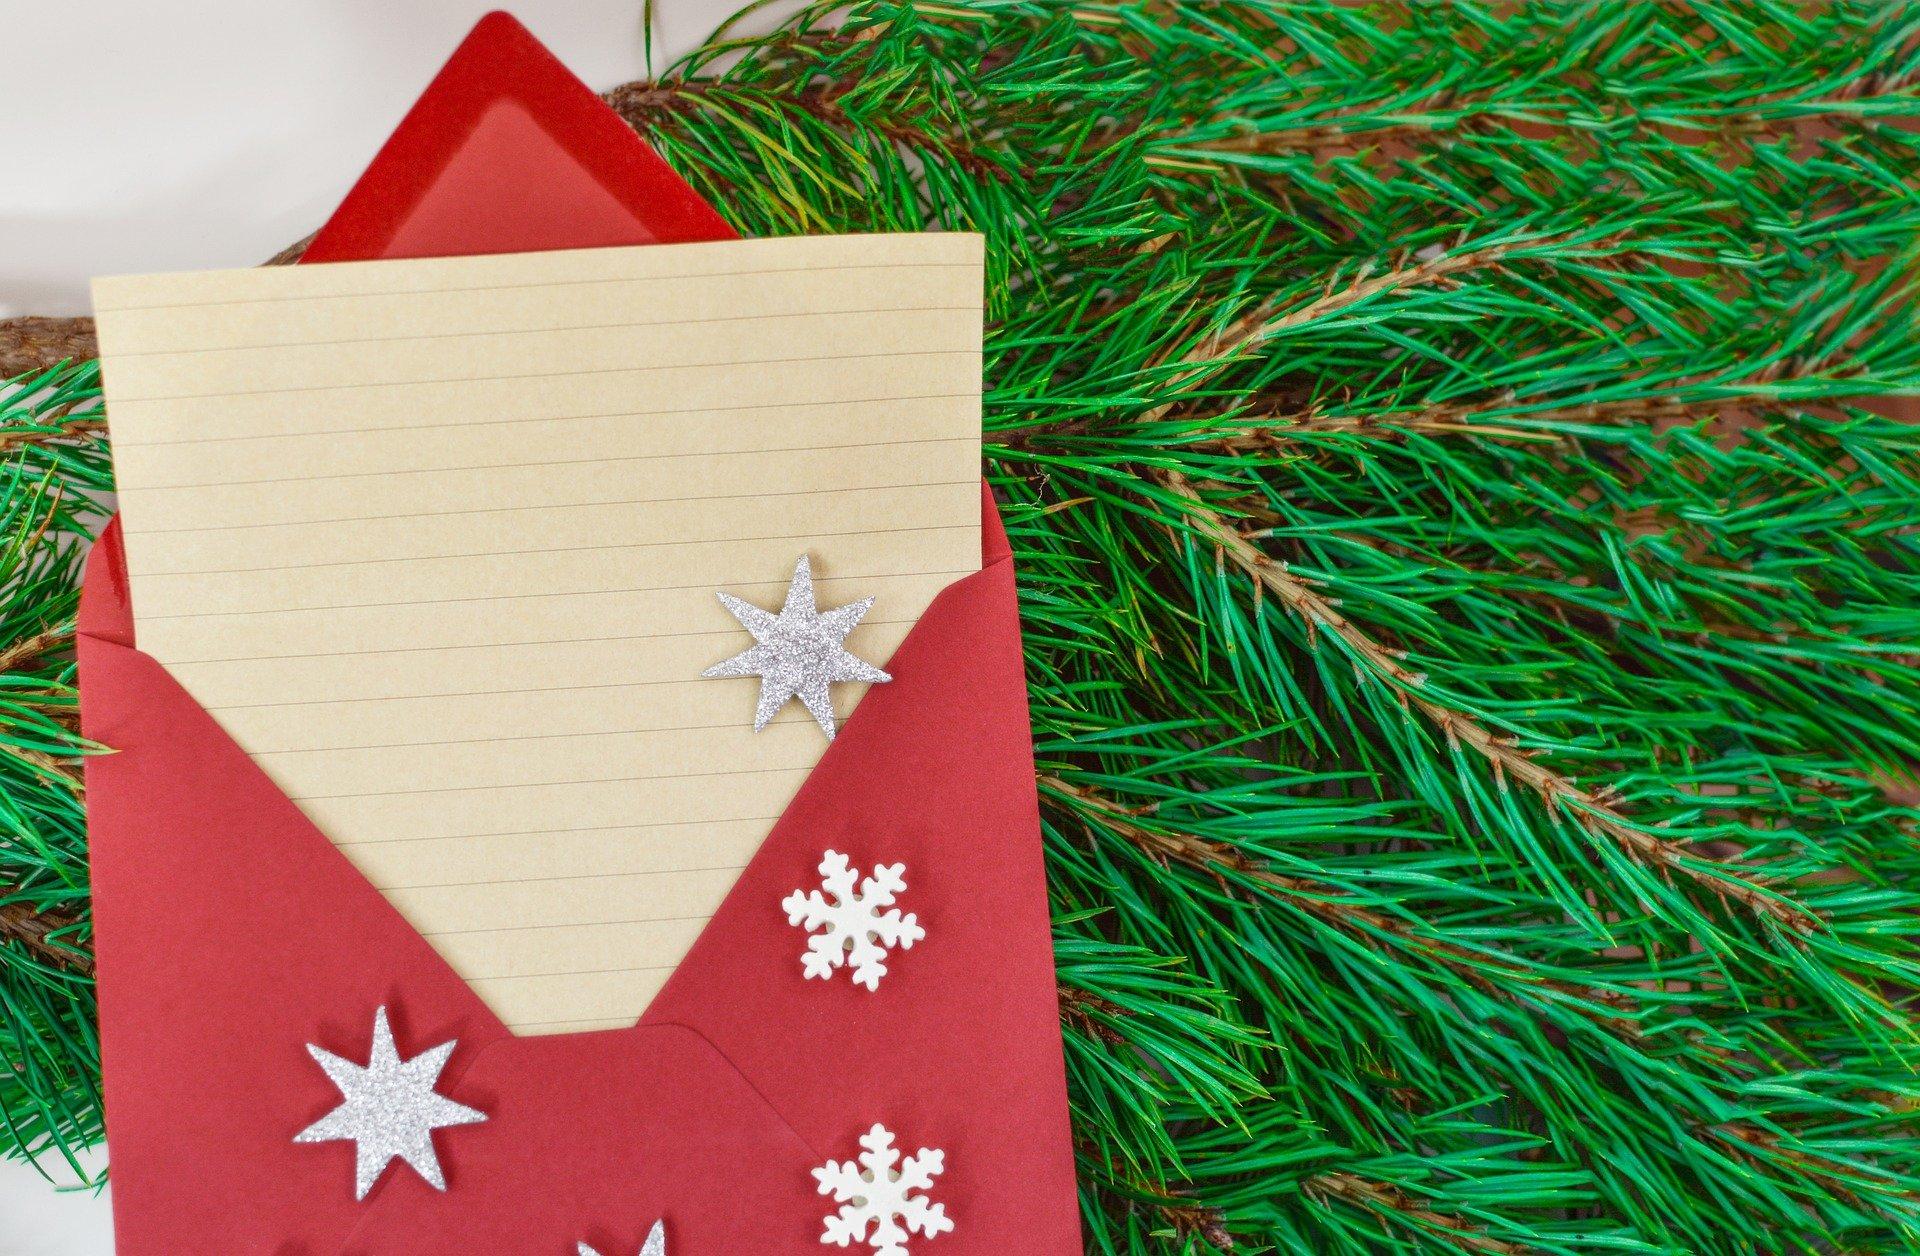 Olst-Wijhenaren ontvangen meeste kerstkaarten van Overijssel